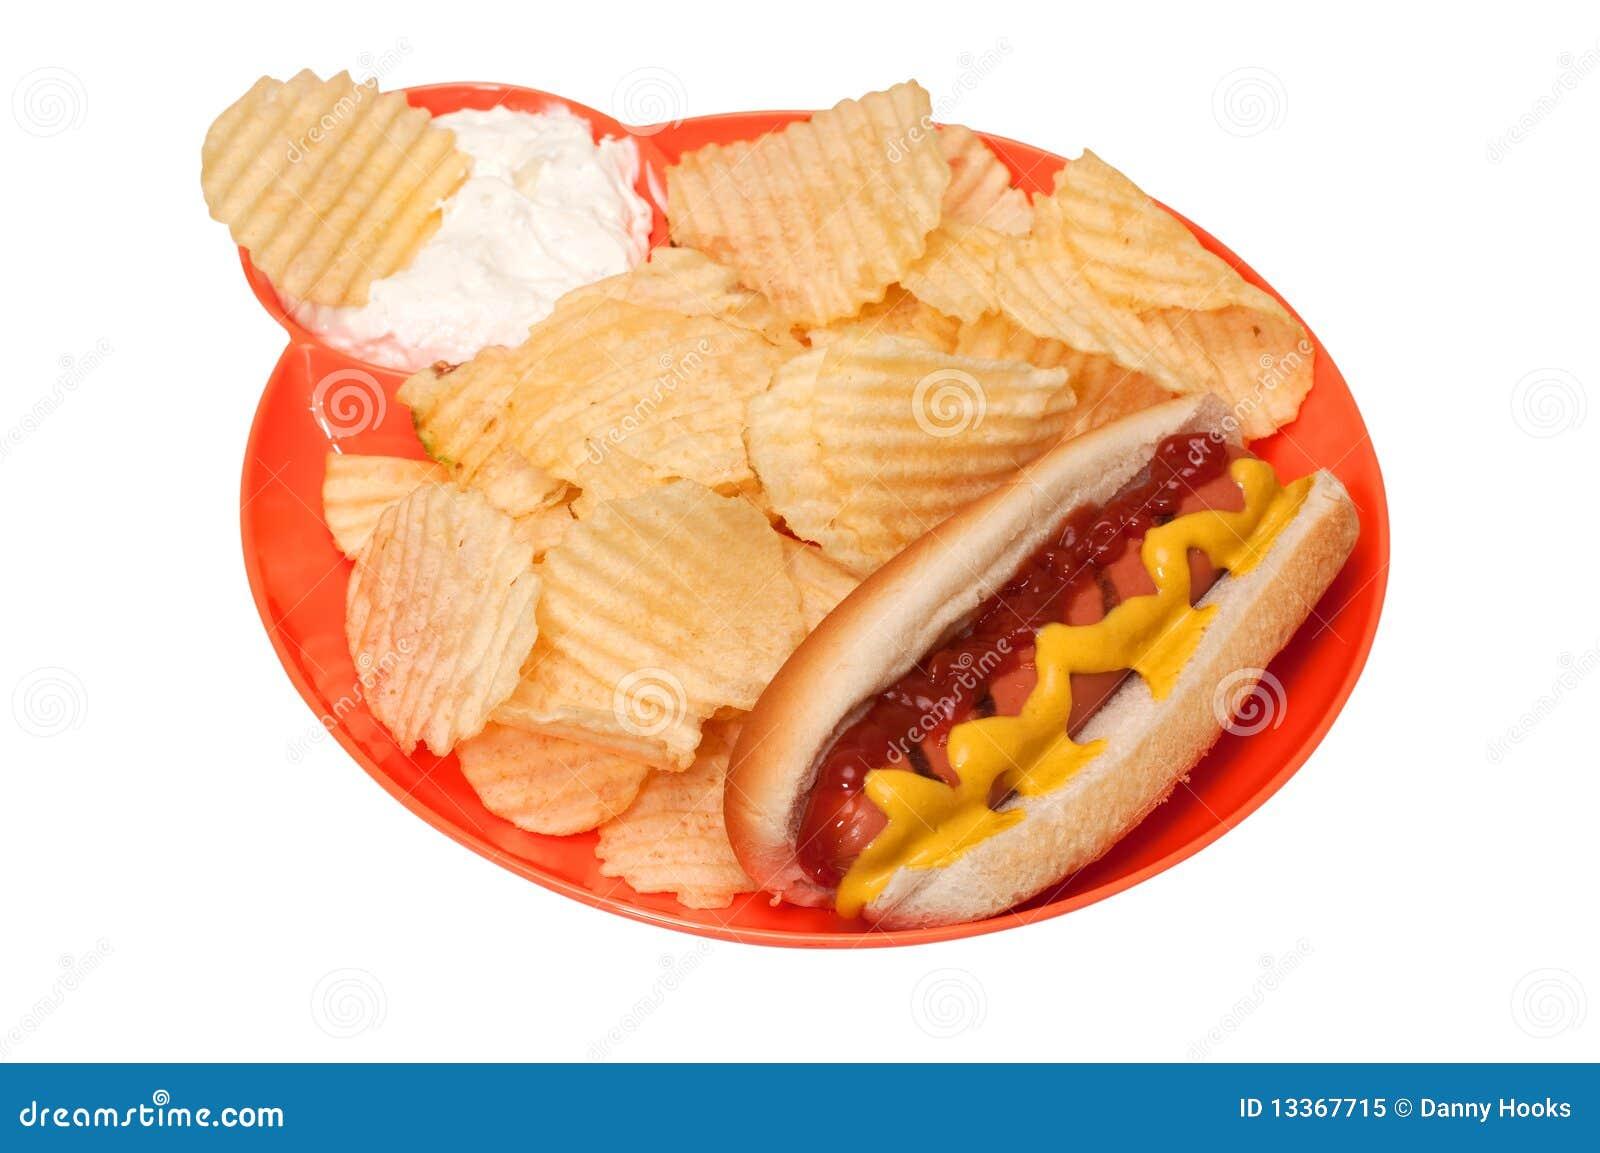 Hot Dog Fattening